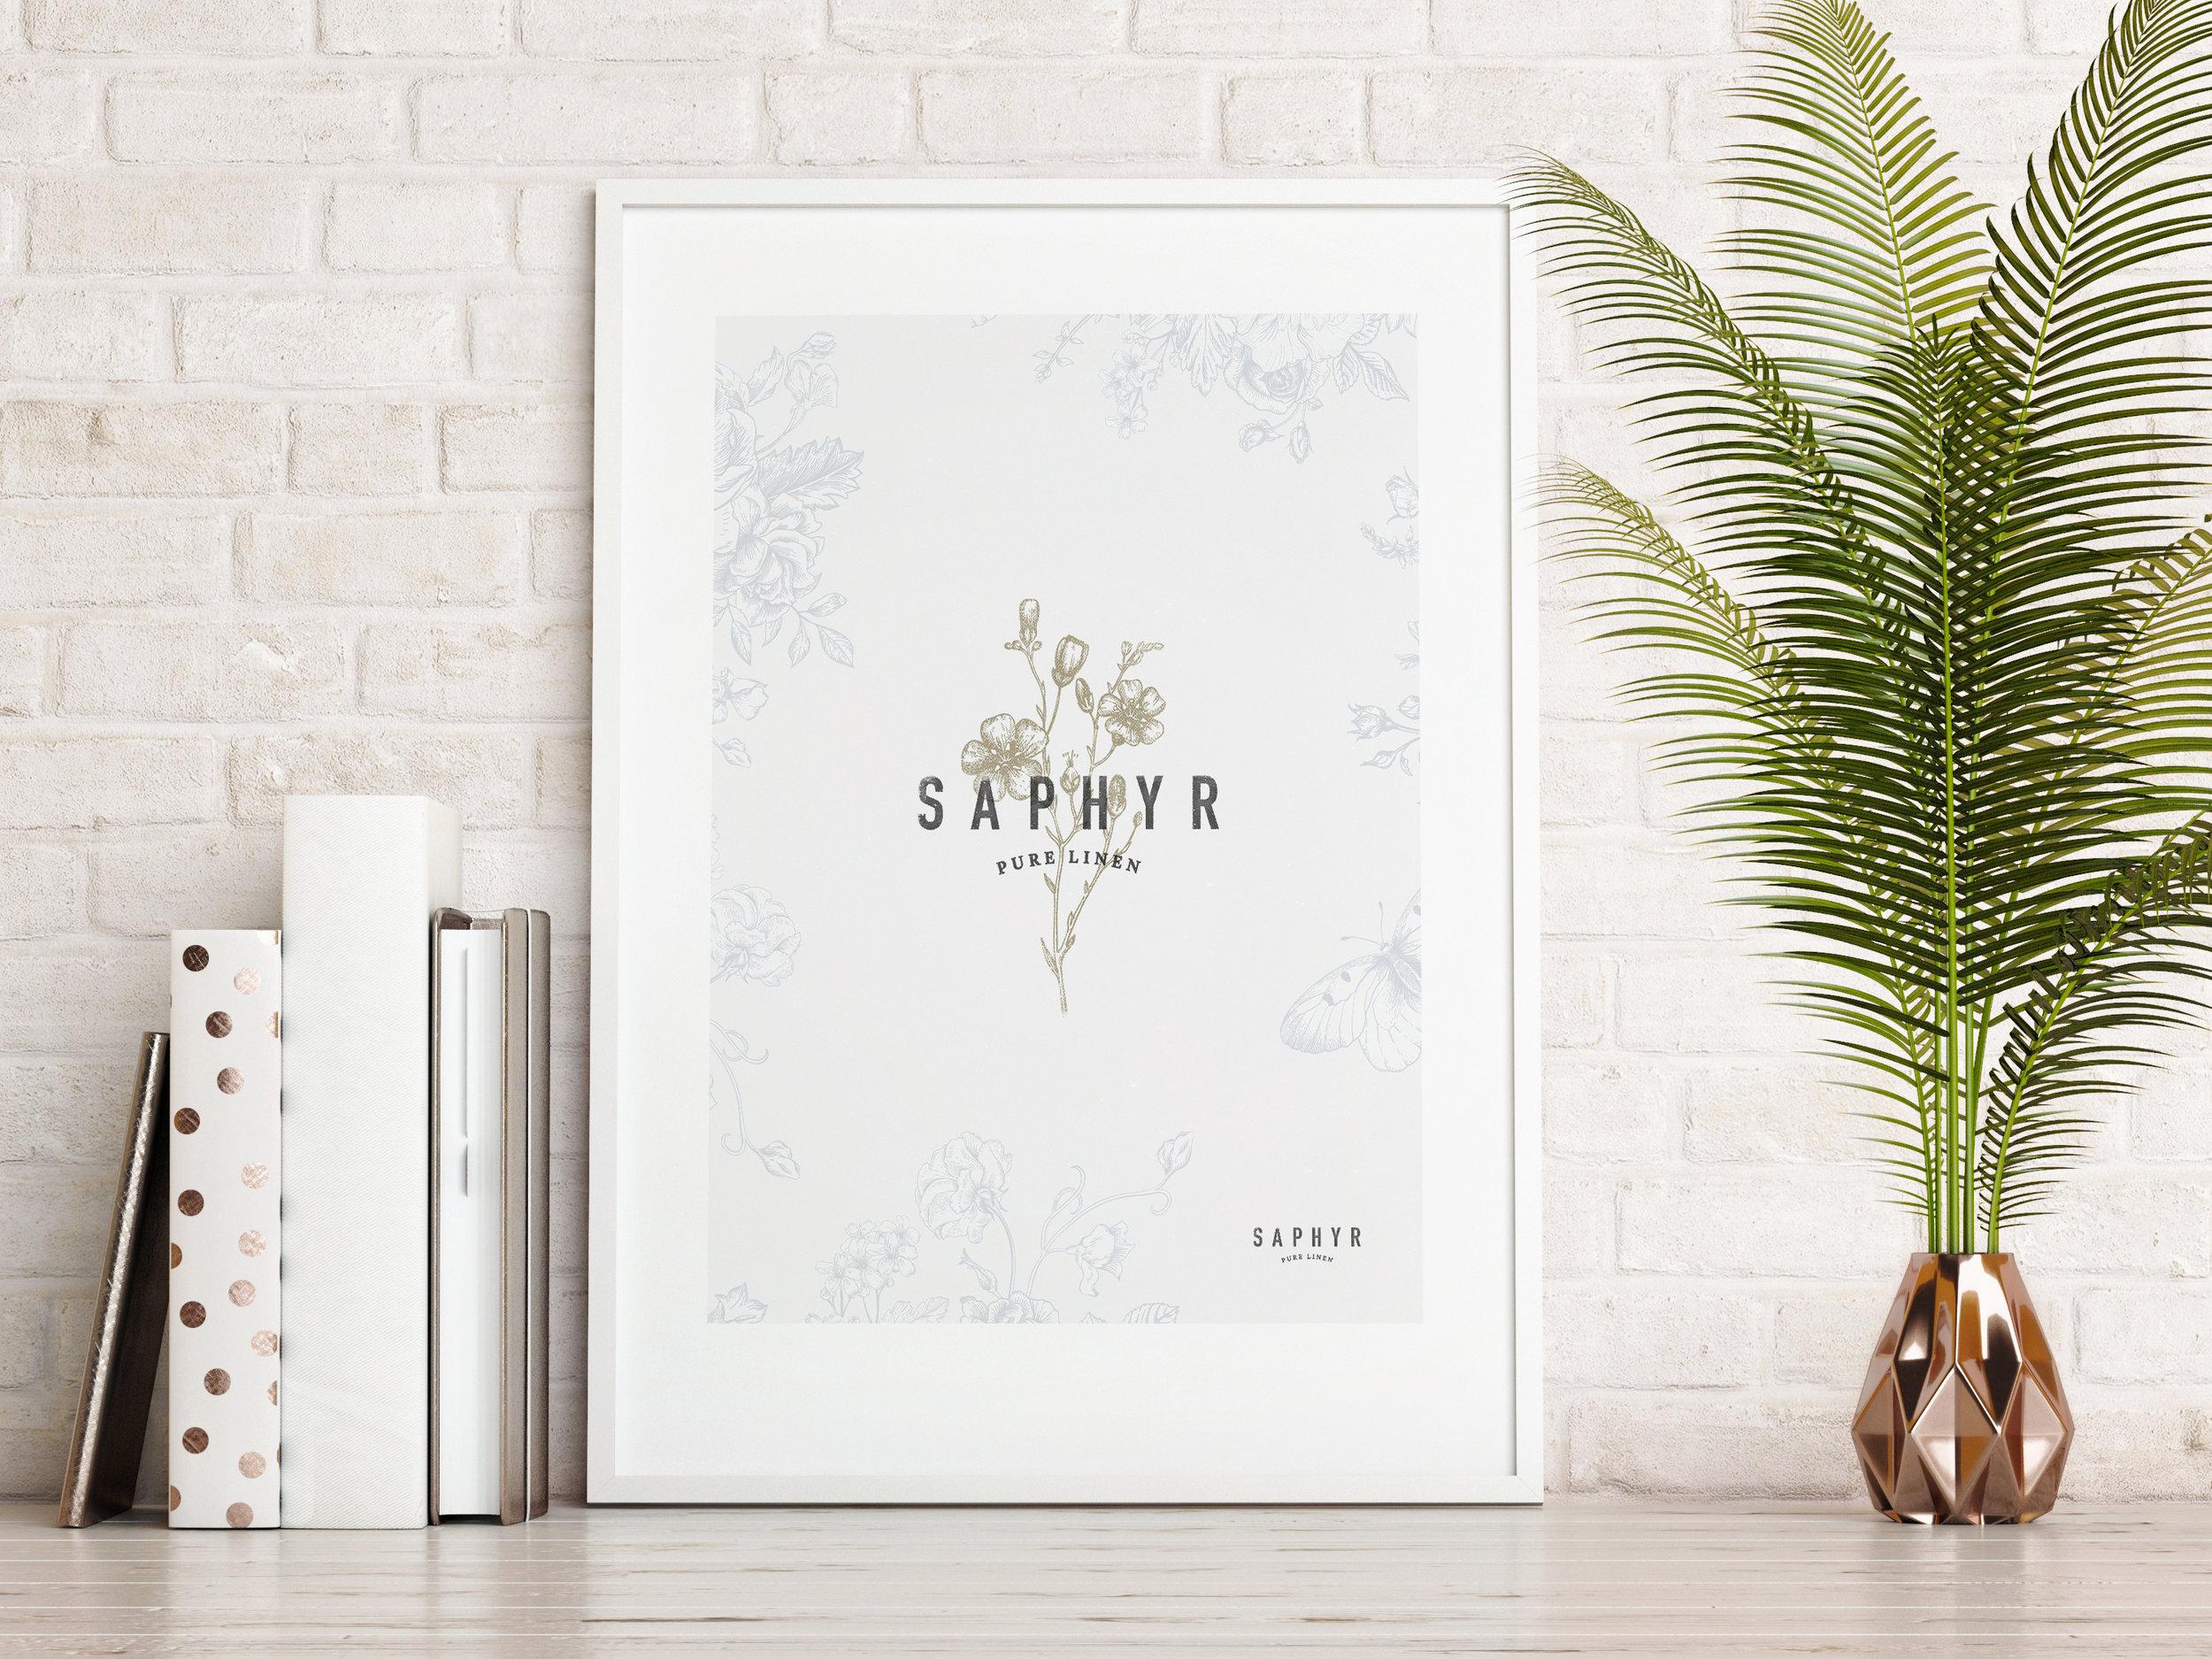 spl_logo_framed3.jpg